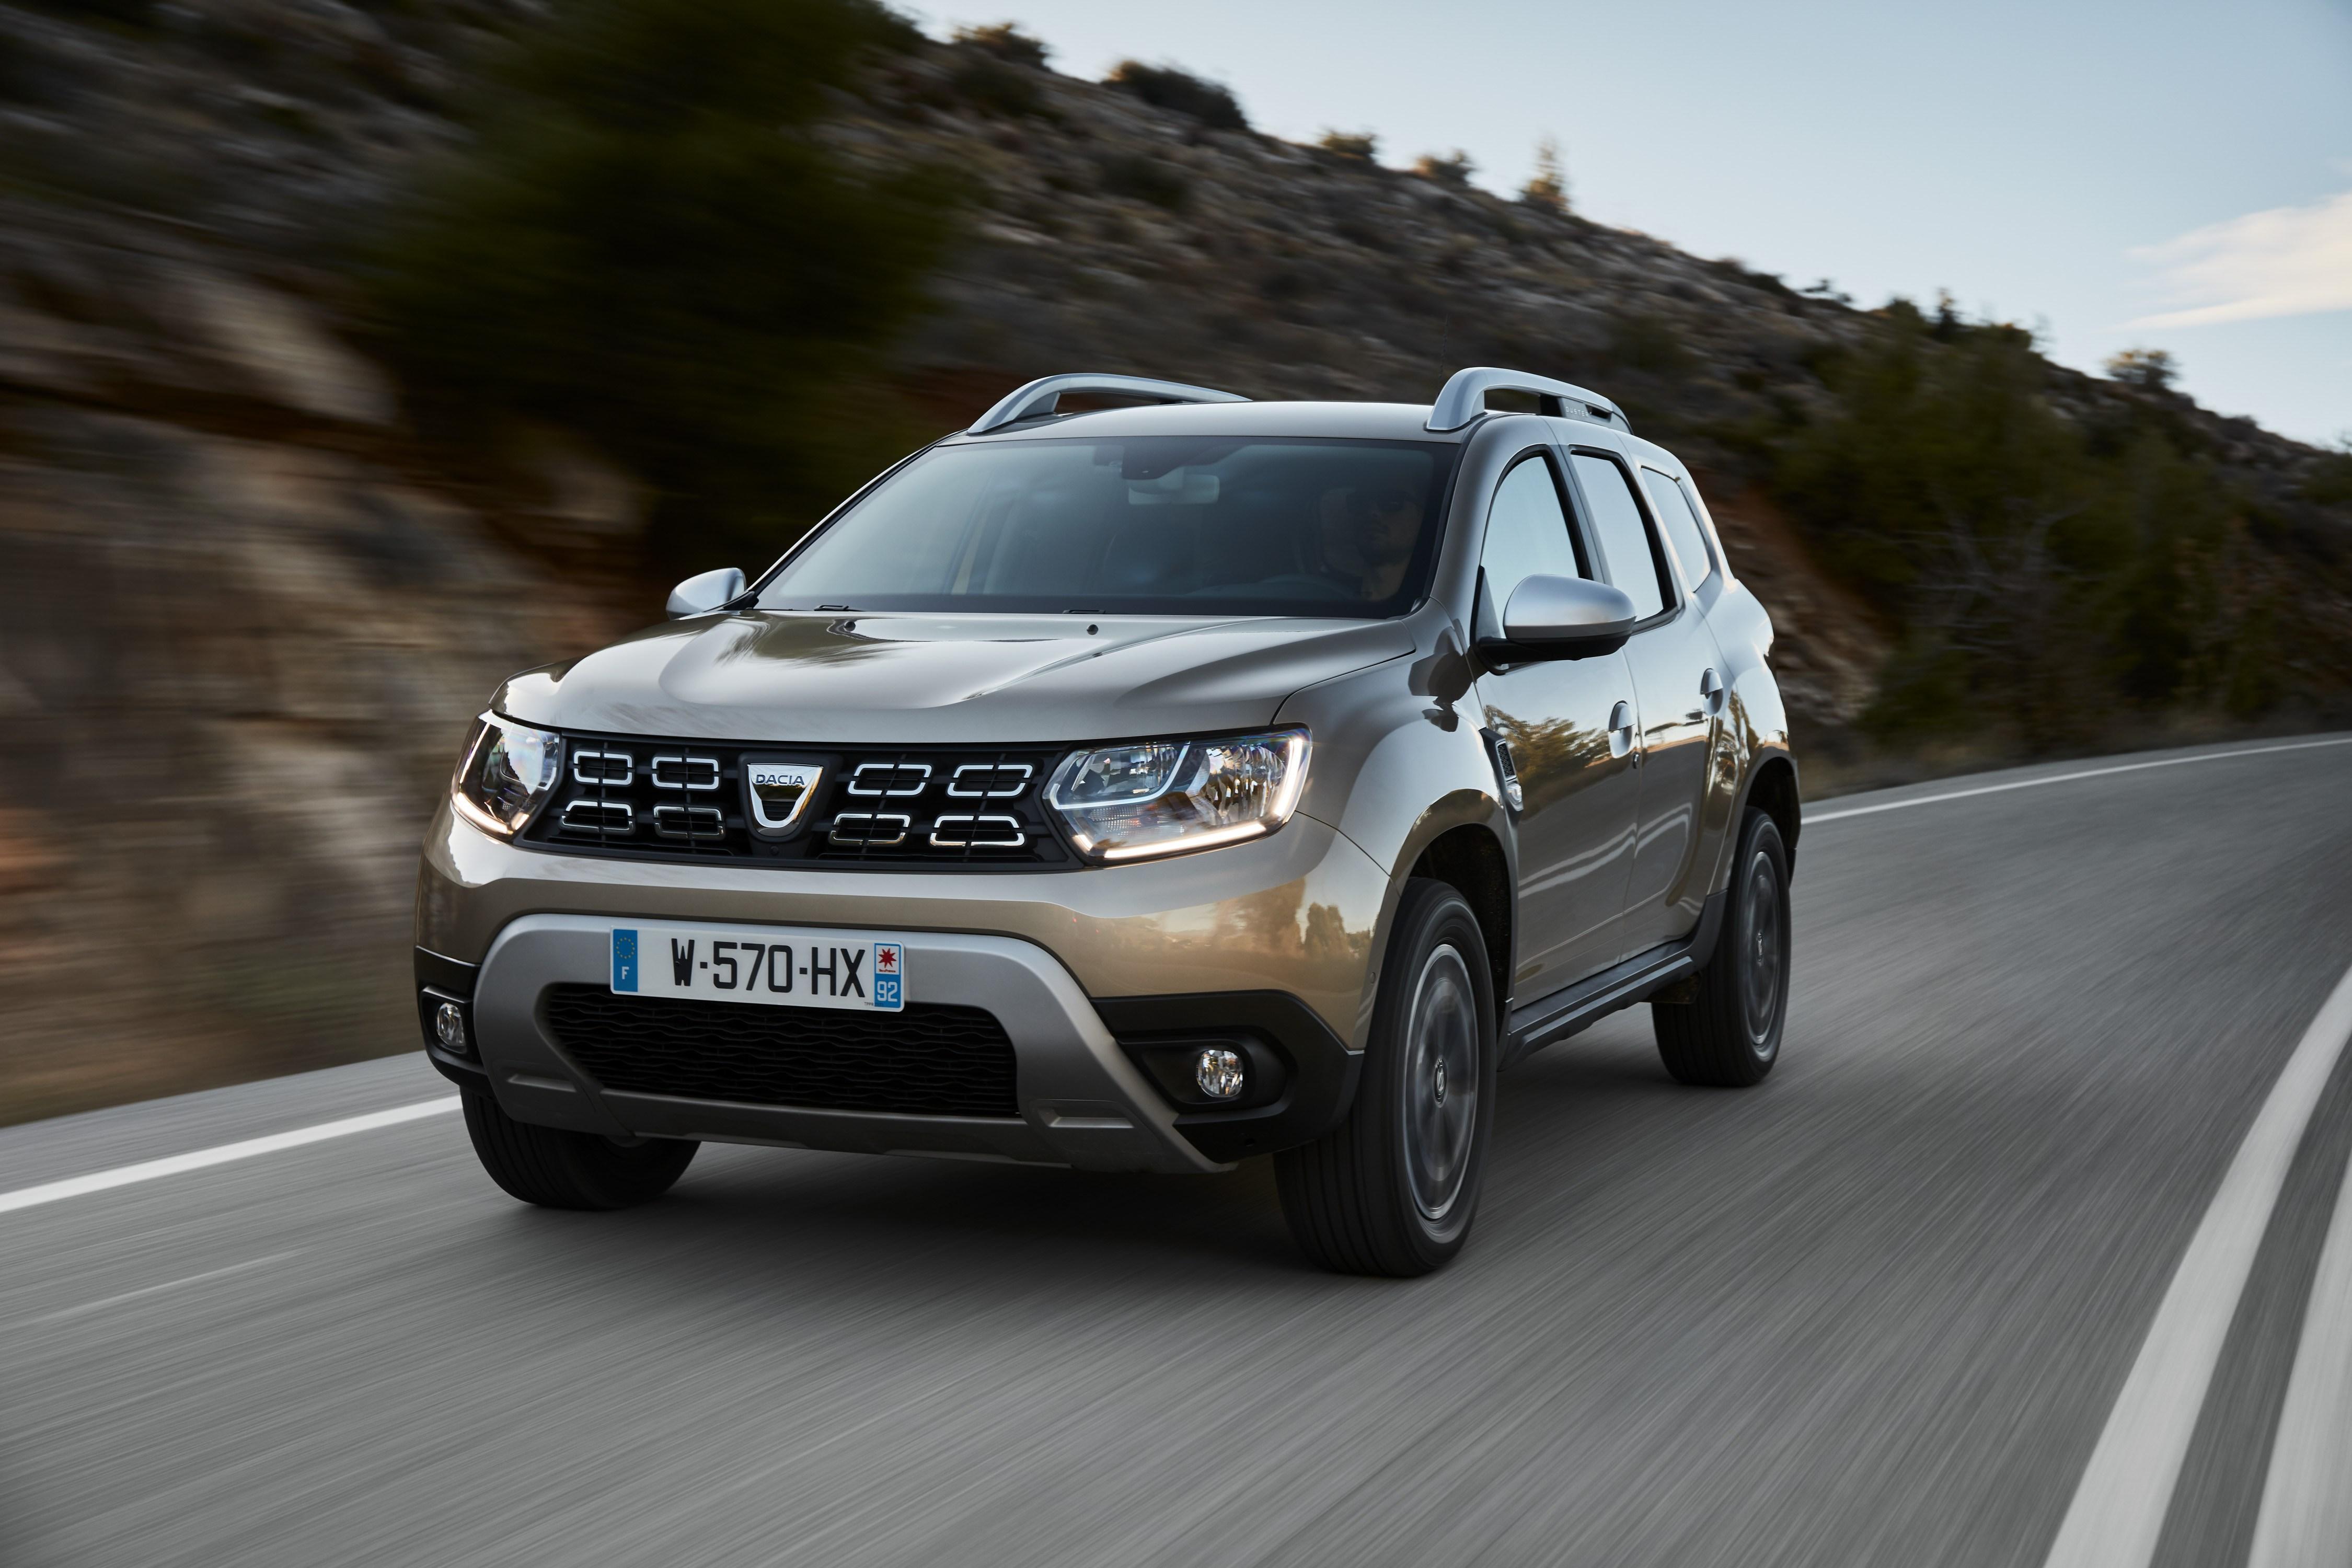 Με προνομιακές τιμές το νέο Dacia Duster 2ης γενιάς